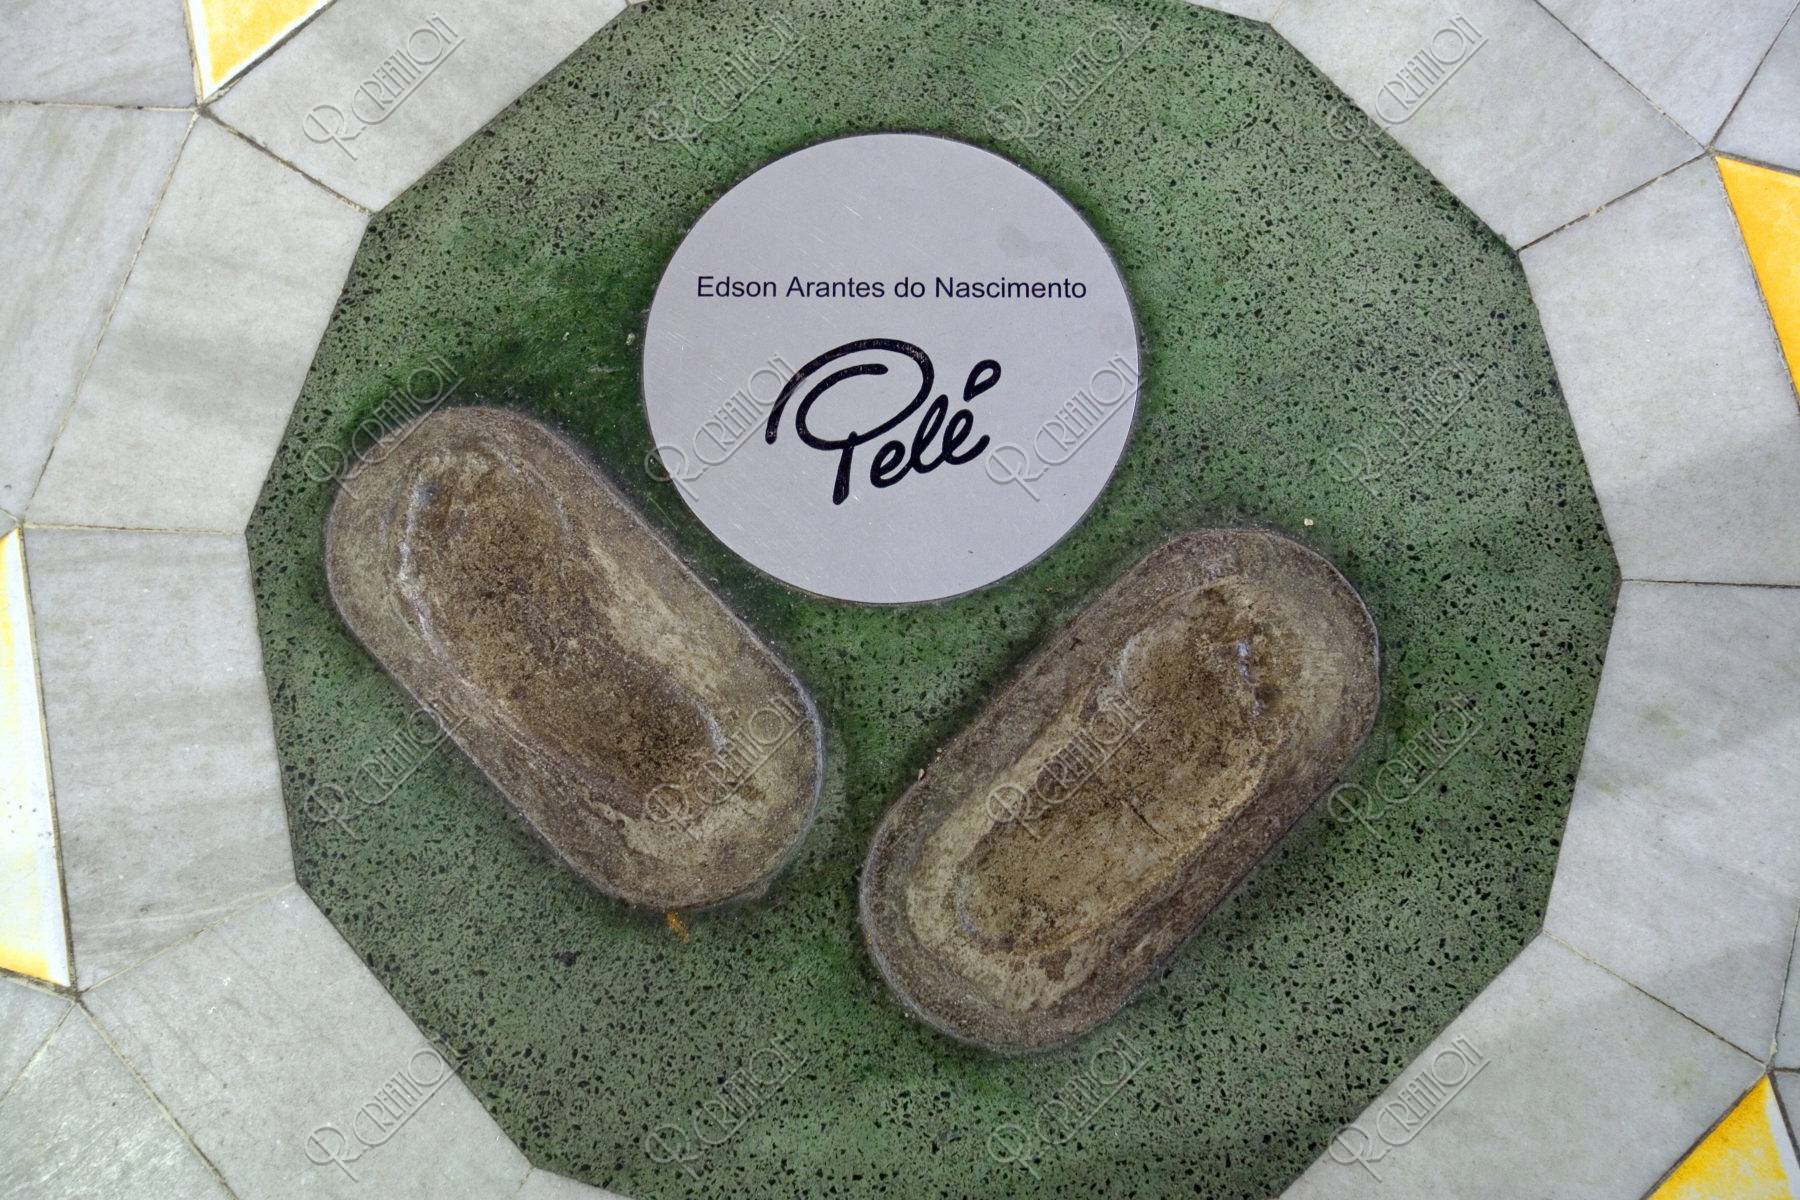 ペレの足型 マラカナンスタジアム